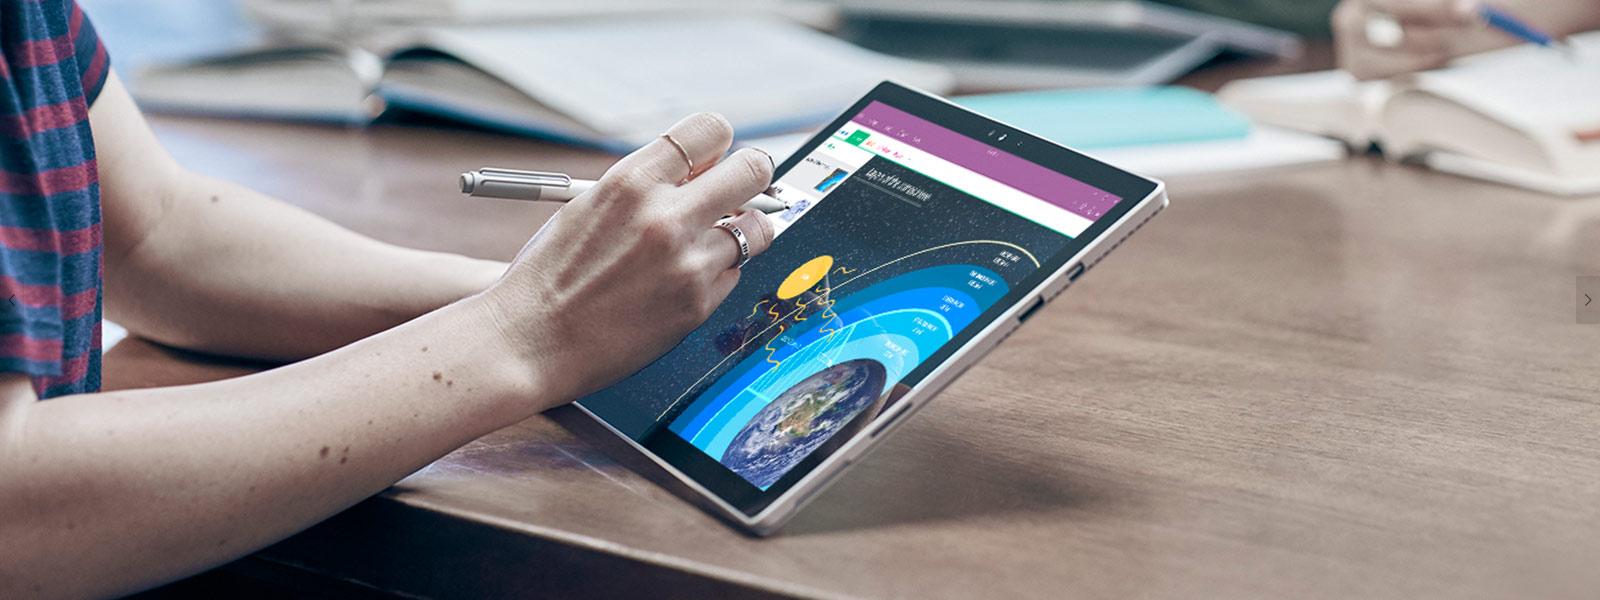 Vrouw die Surface-pen op de Surface Pro 4 gebruikt.